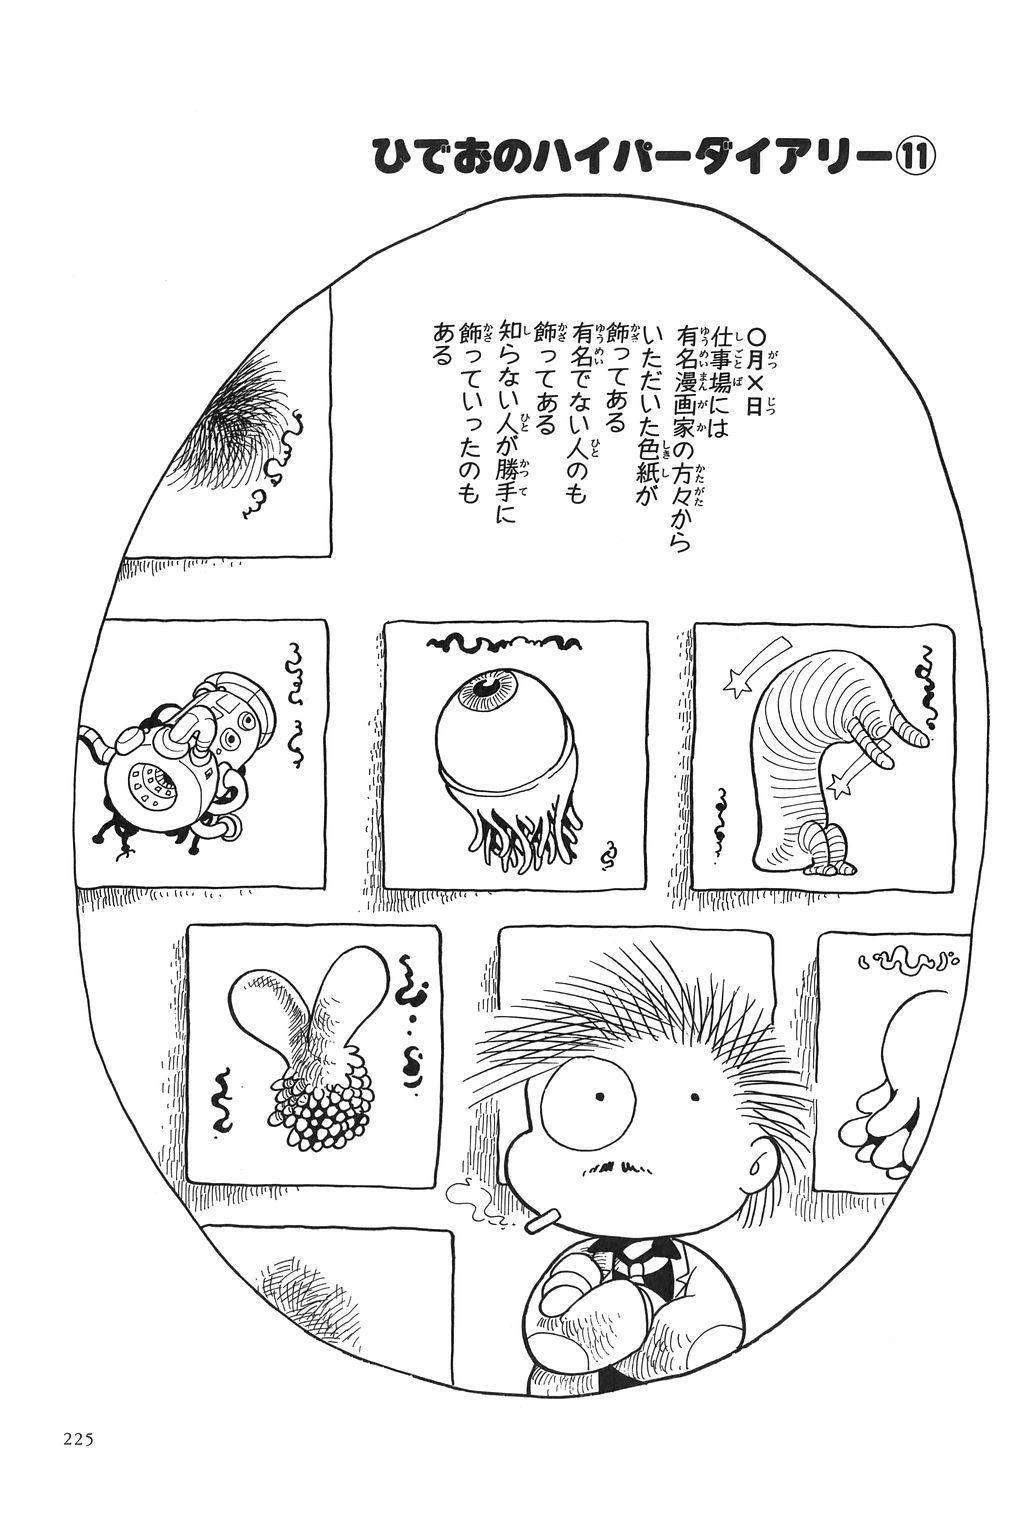 Azuma Hideo Sakuhin Shuusei - Yoru no Tobari no Naka de 227